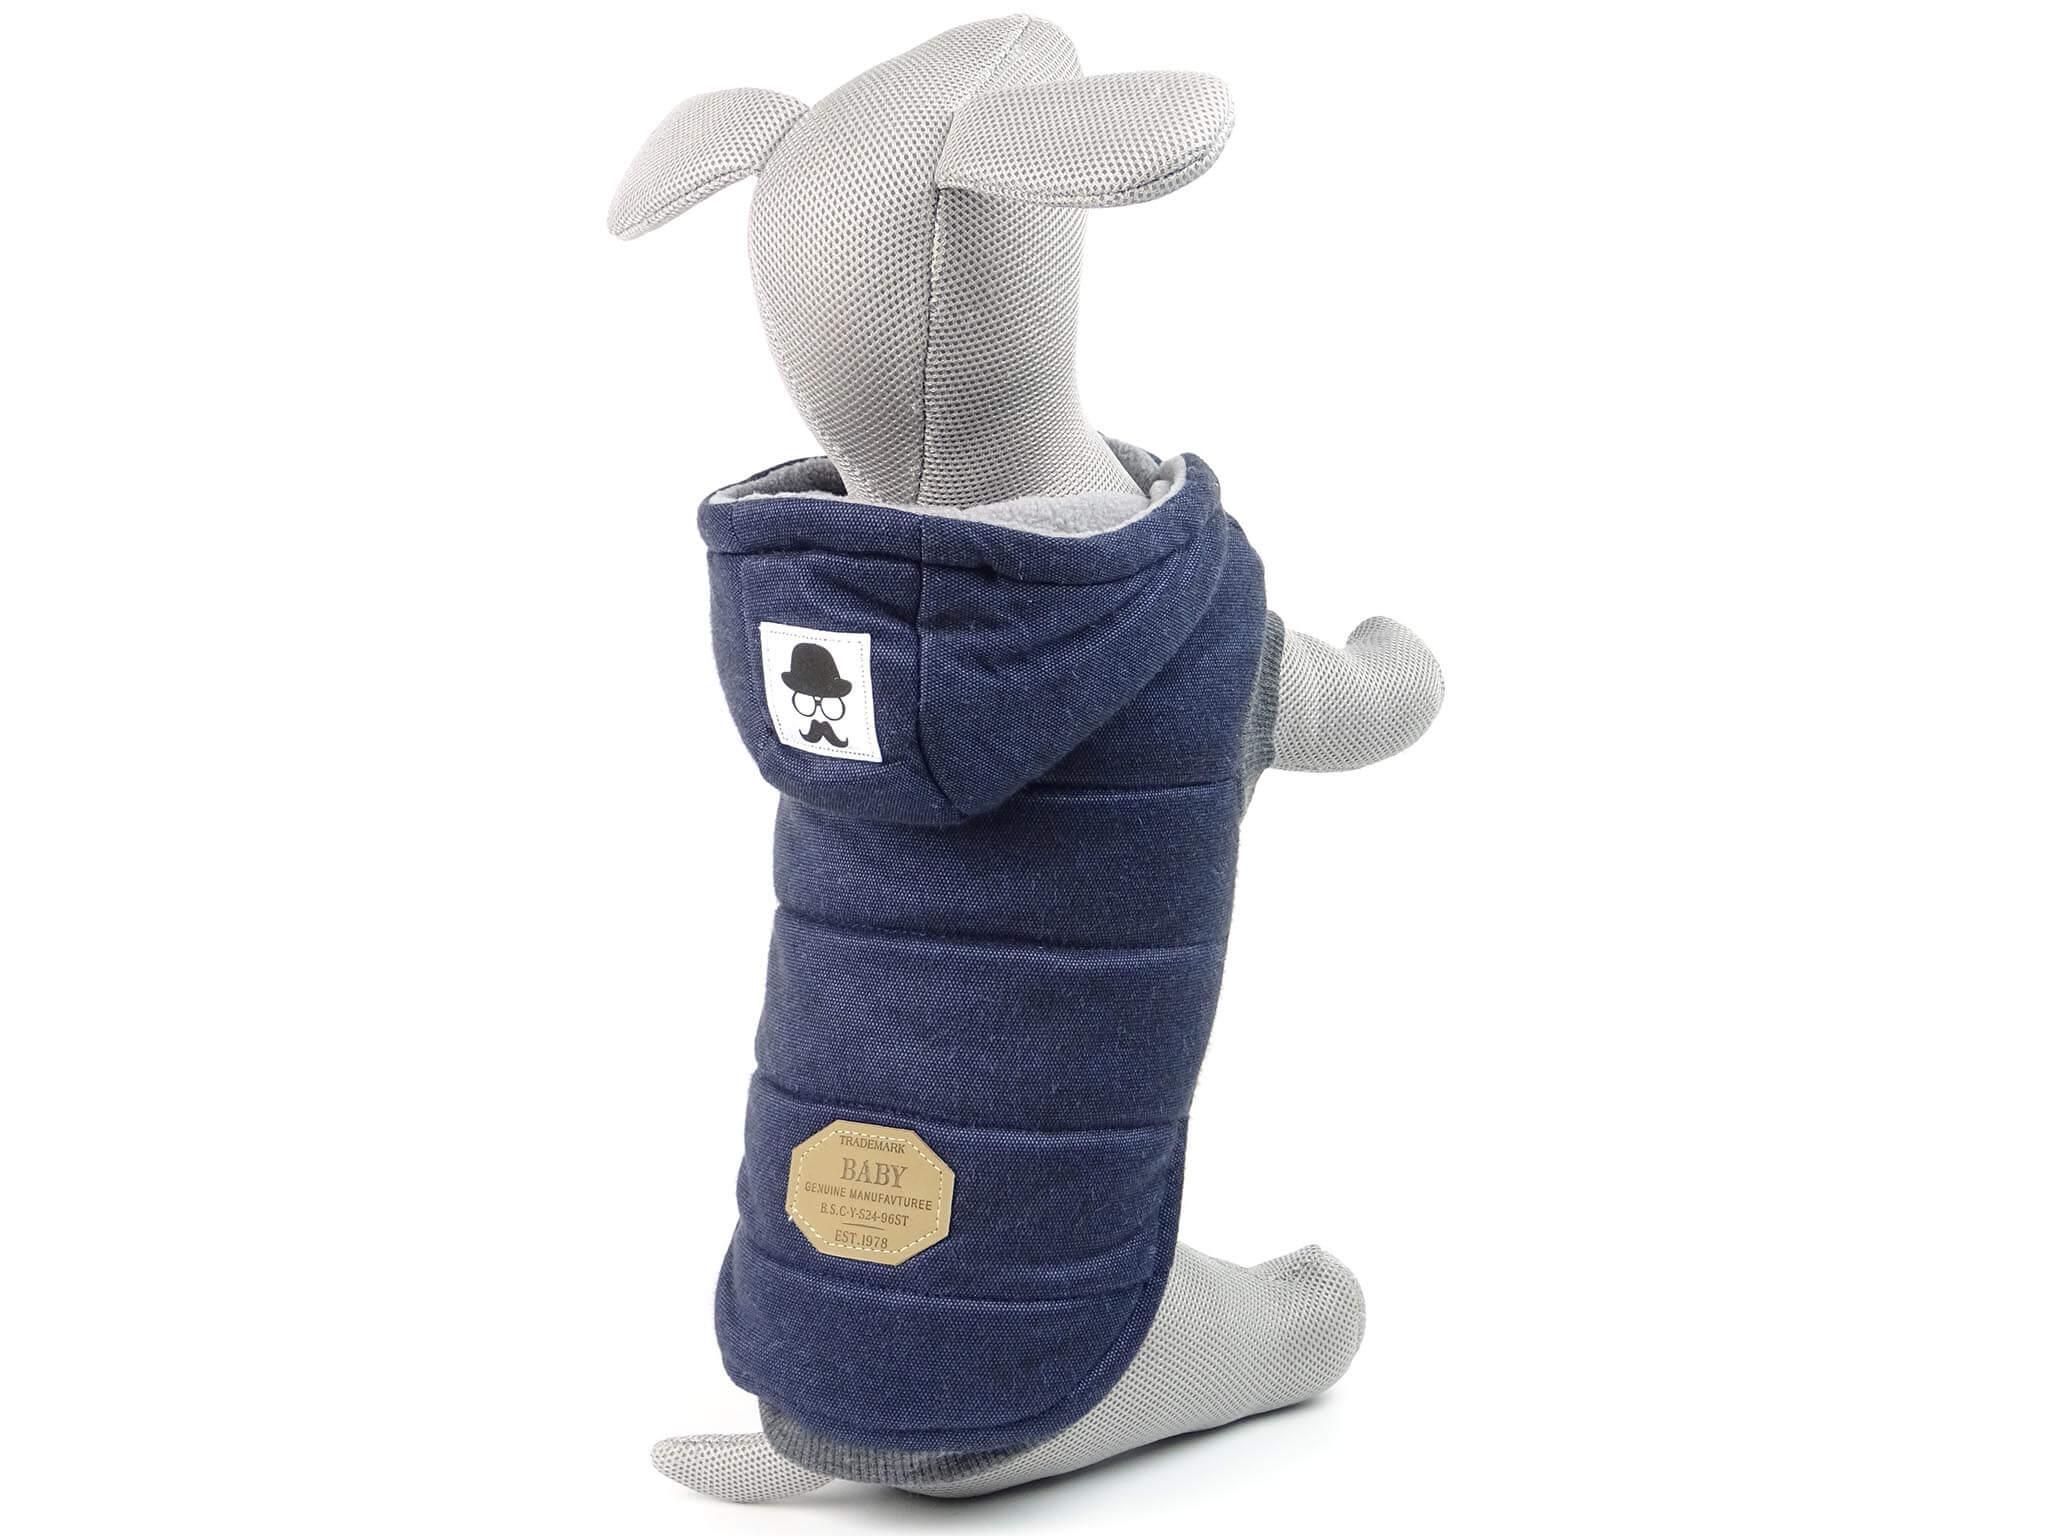 Levně Vsepropejska Mix zimní bunda pro psa Barva: Modrá, Délka zad psa: 26 cm, Obvod hrudníku: 32 - 38 cm